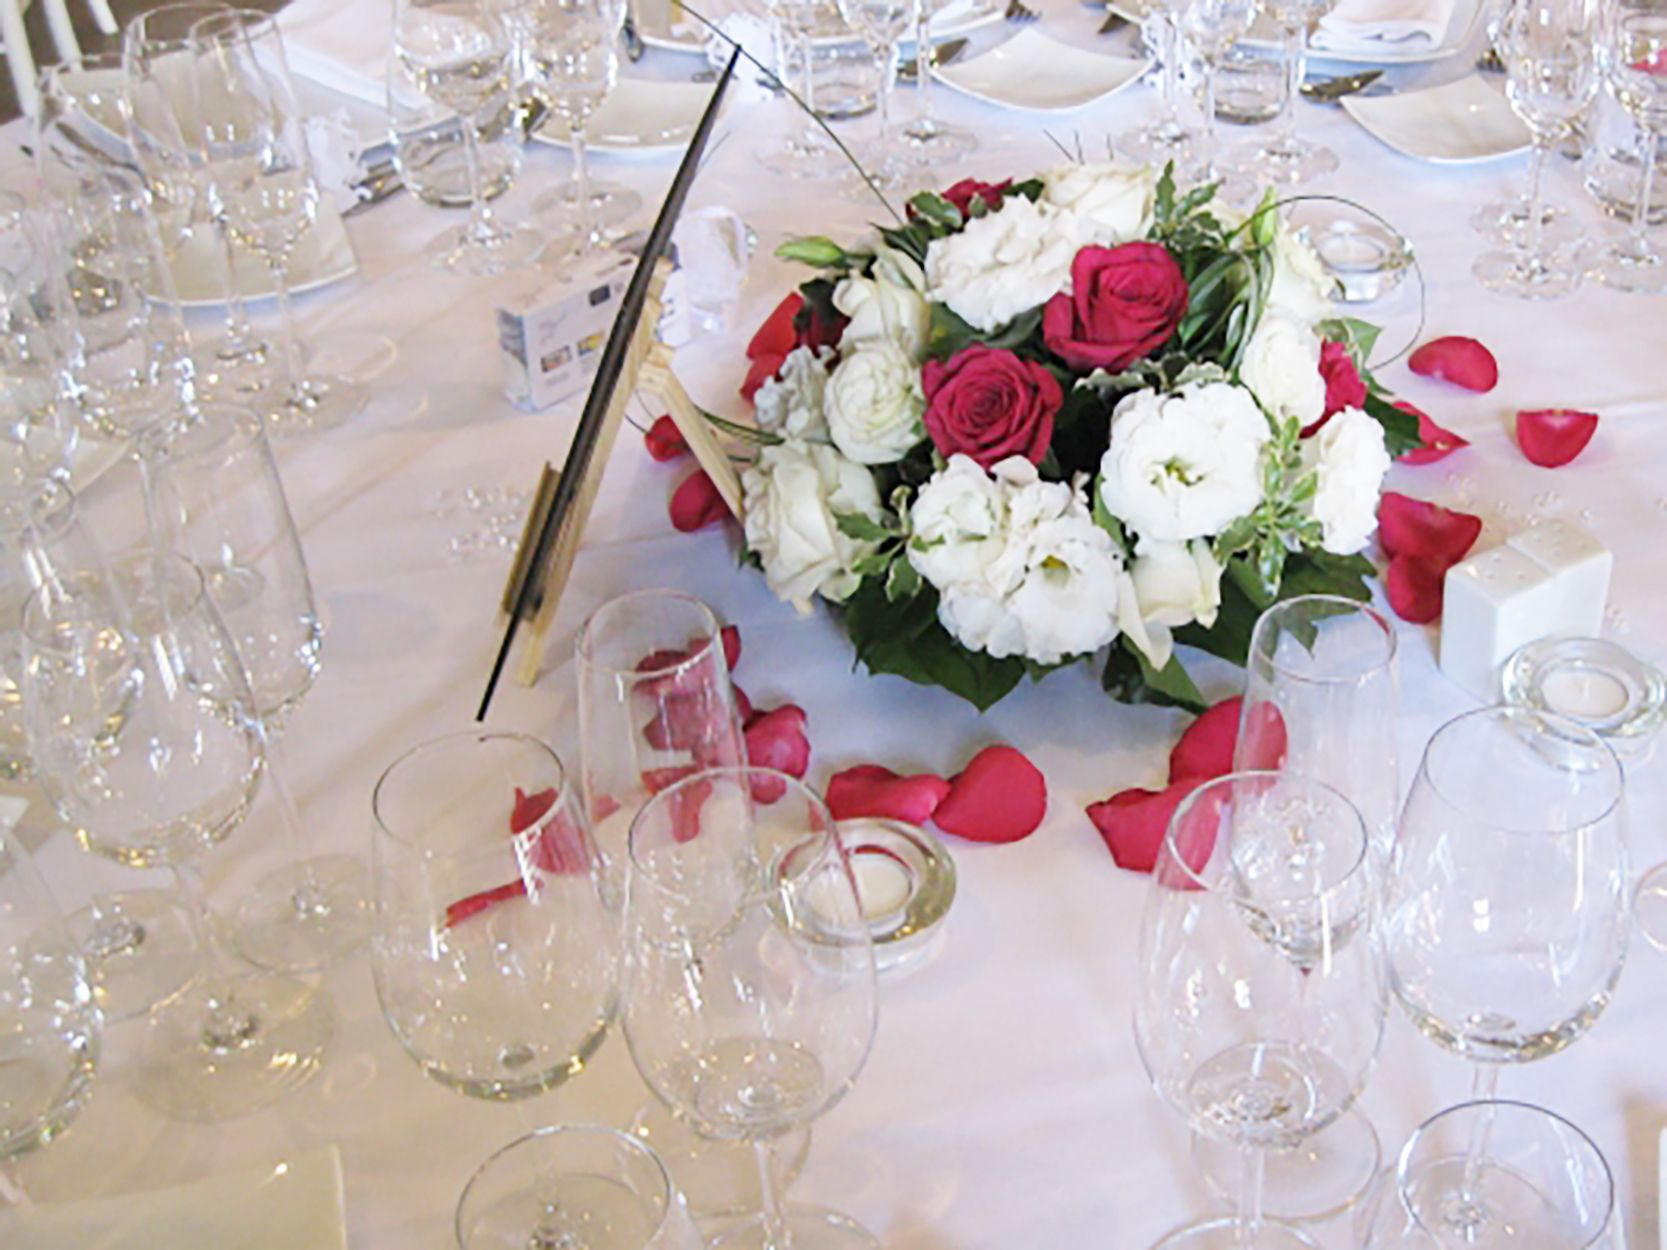 Centre de table mariage rose et blanc d coration florale mariage pinterest d coration - Decoration florale mariage centre de table ...